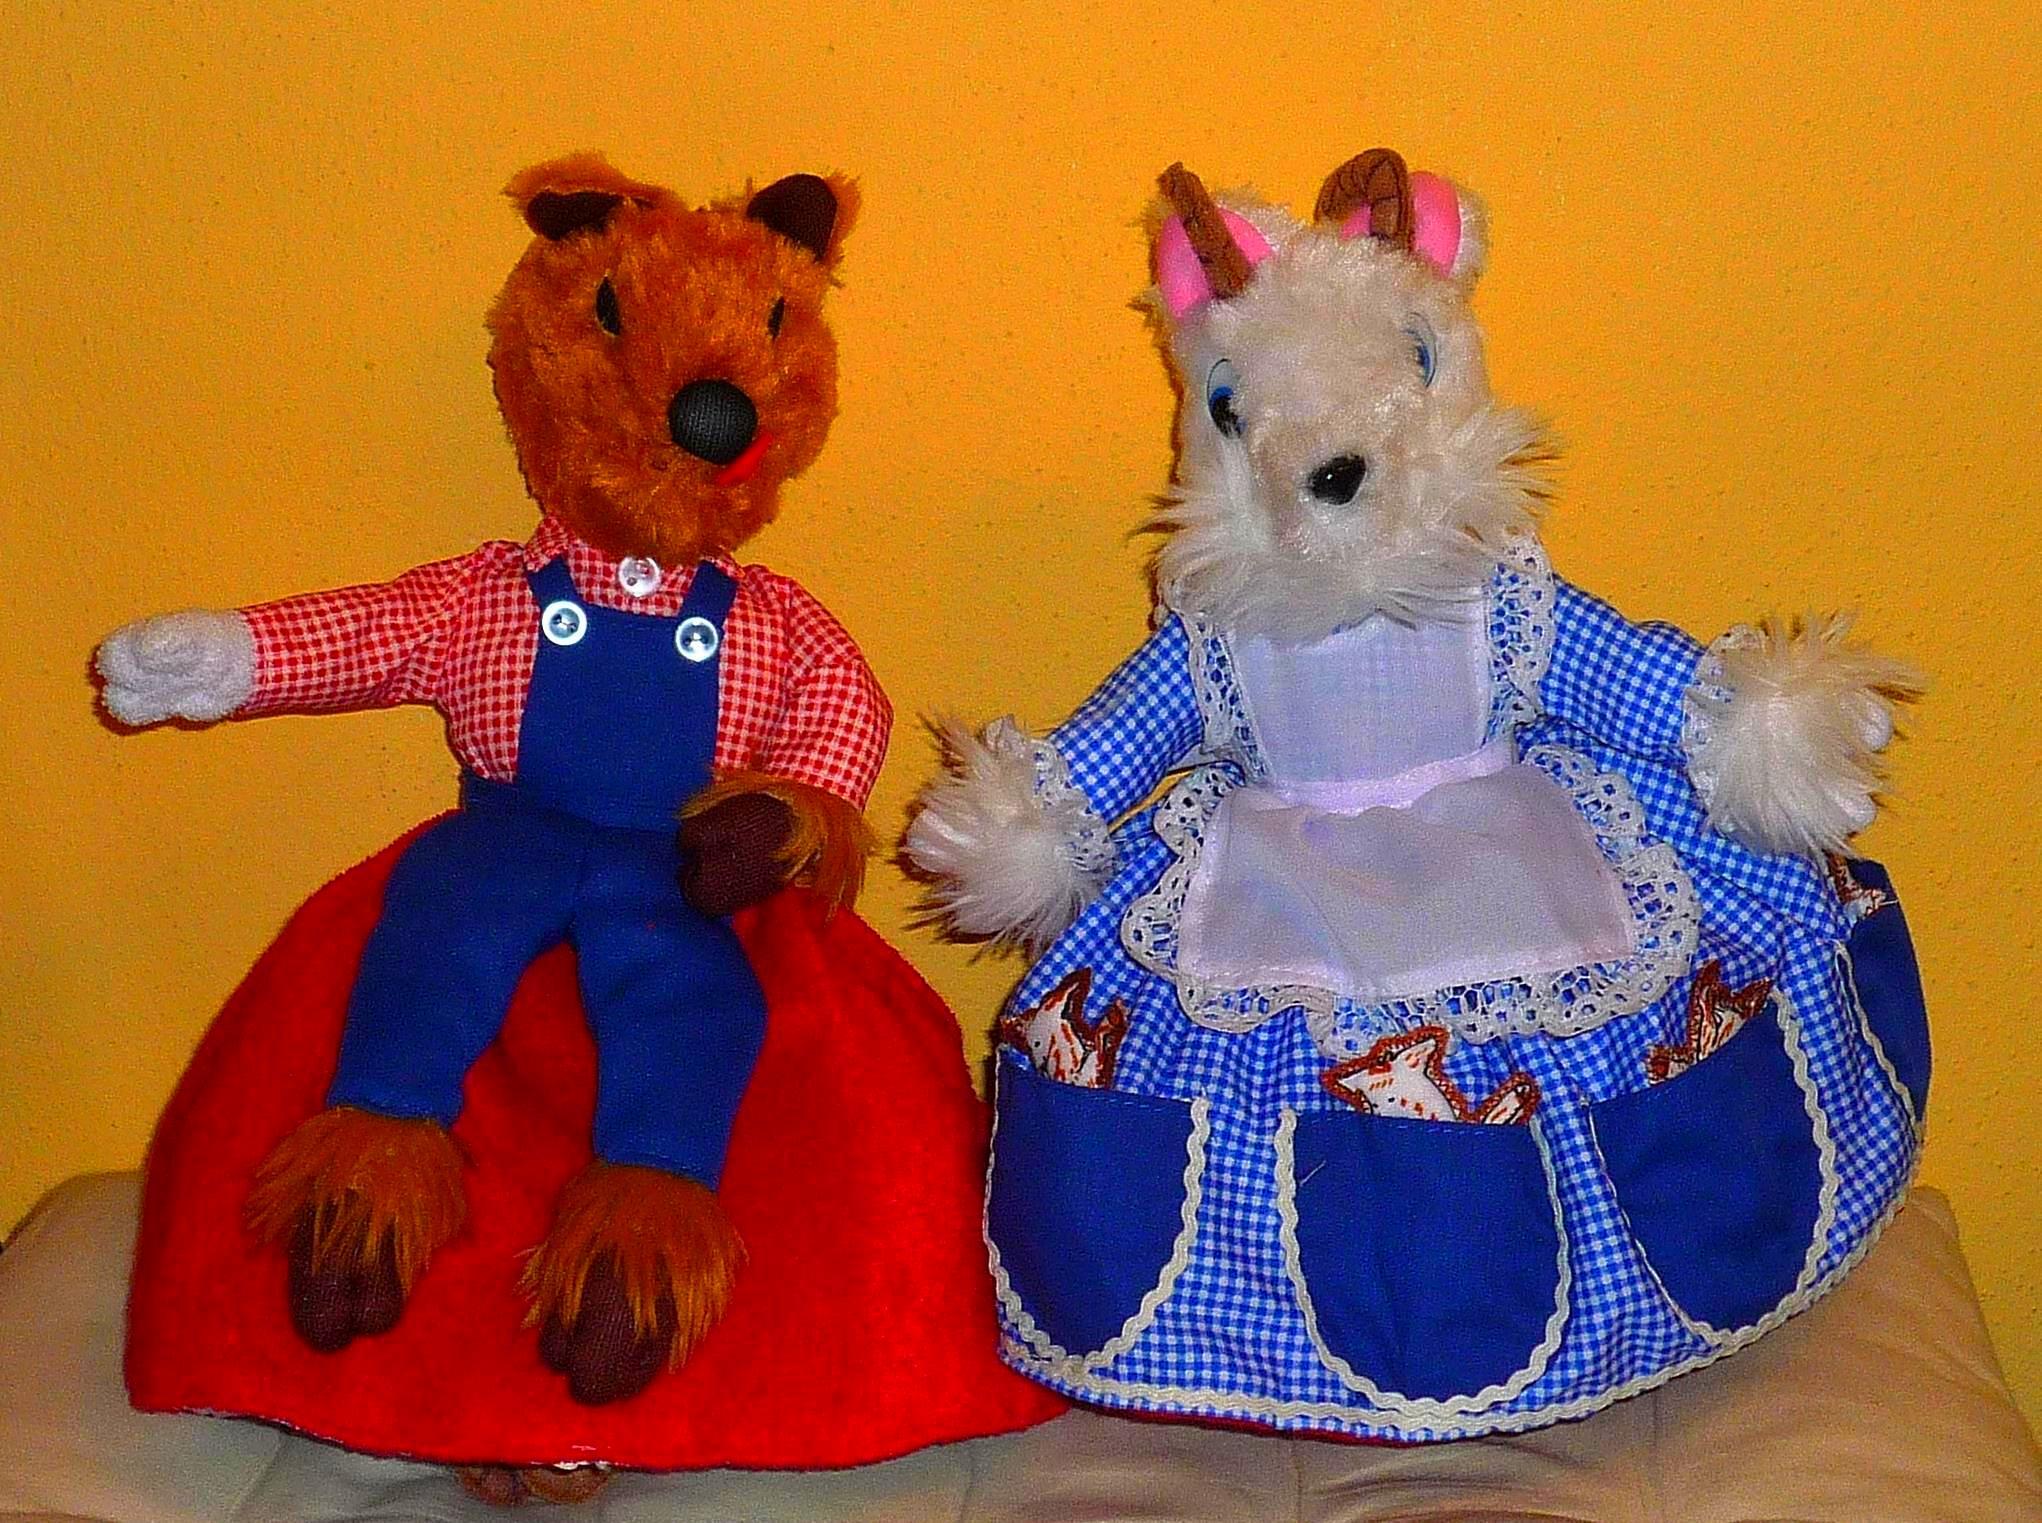 Wolf & die 7 Geißlein 25 cm Mama Geiß mit 7 kleinen Geißlein in den Taschen und der böse Wolf mit weißer Pfote.